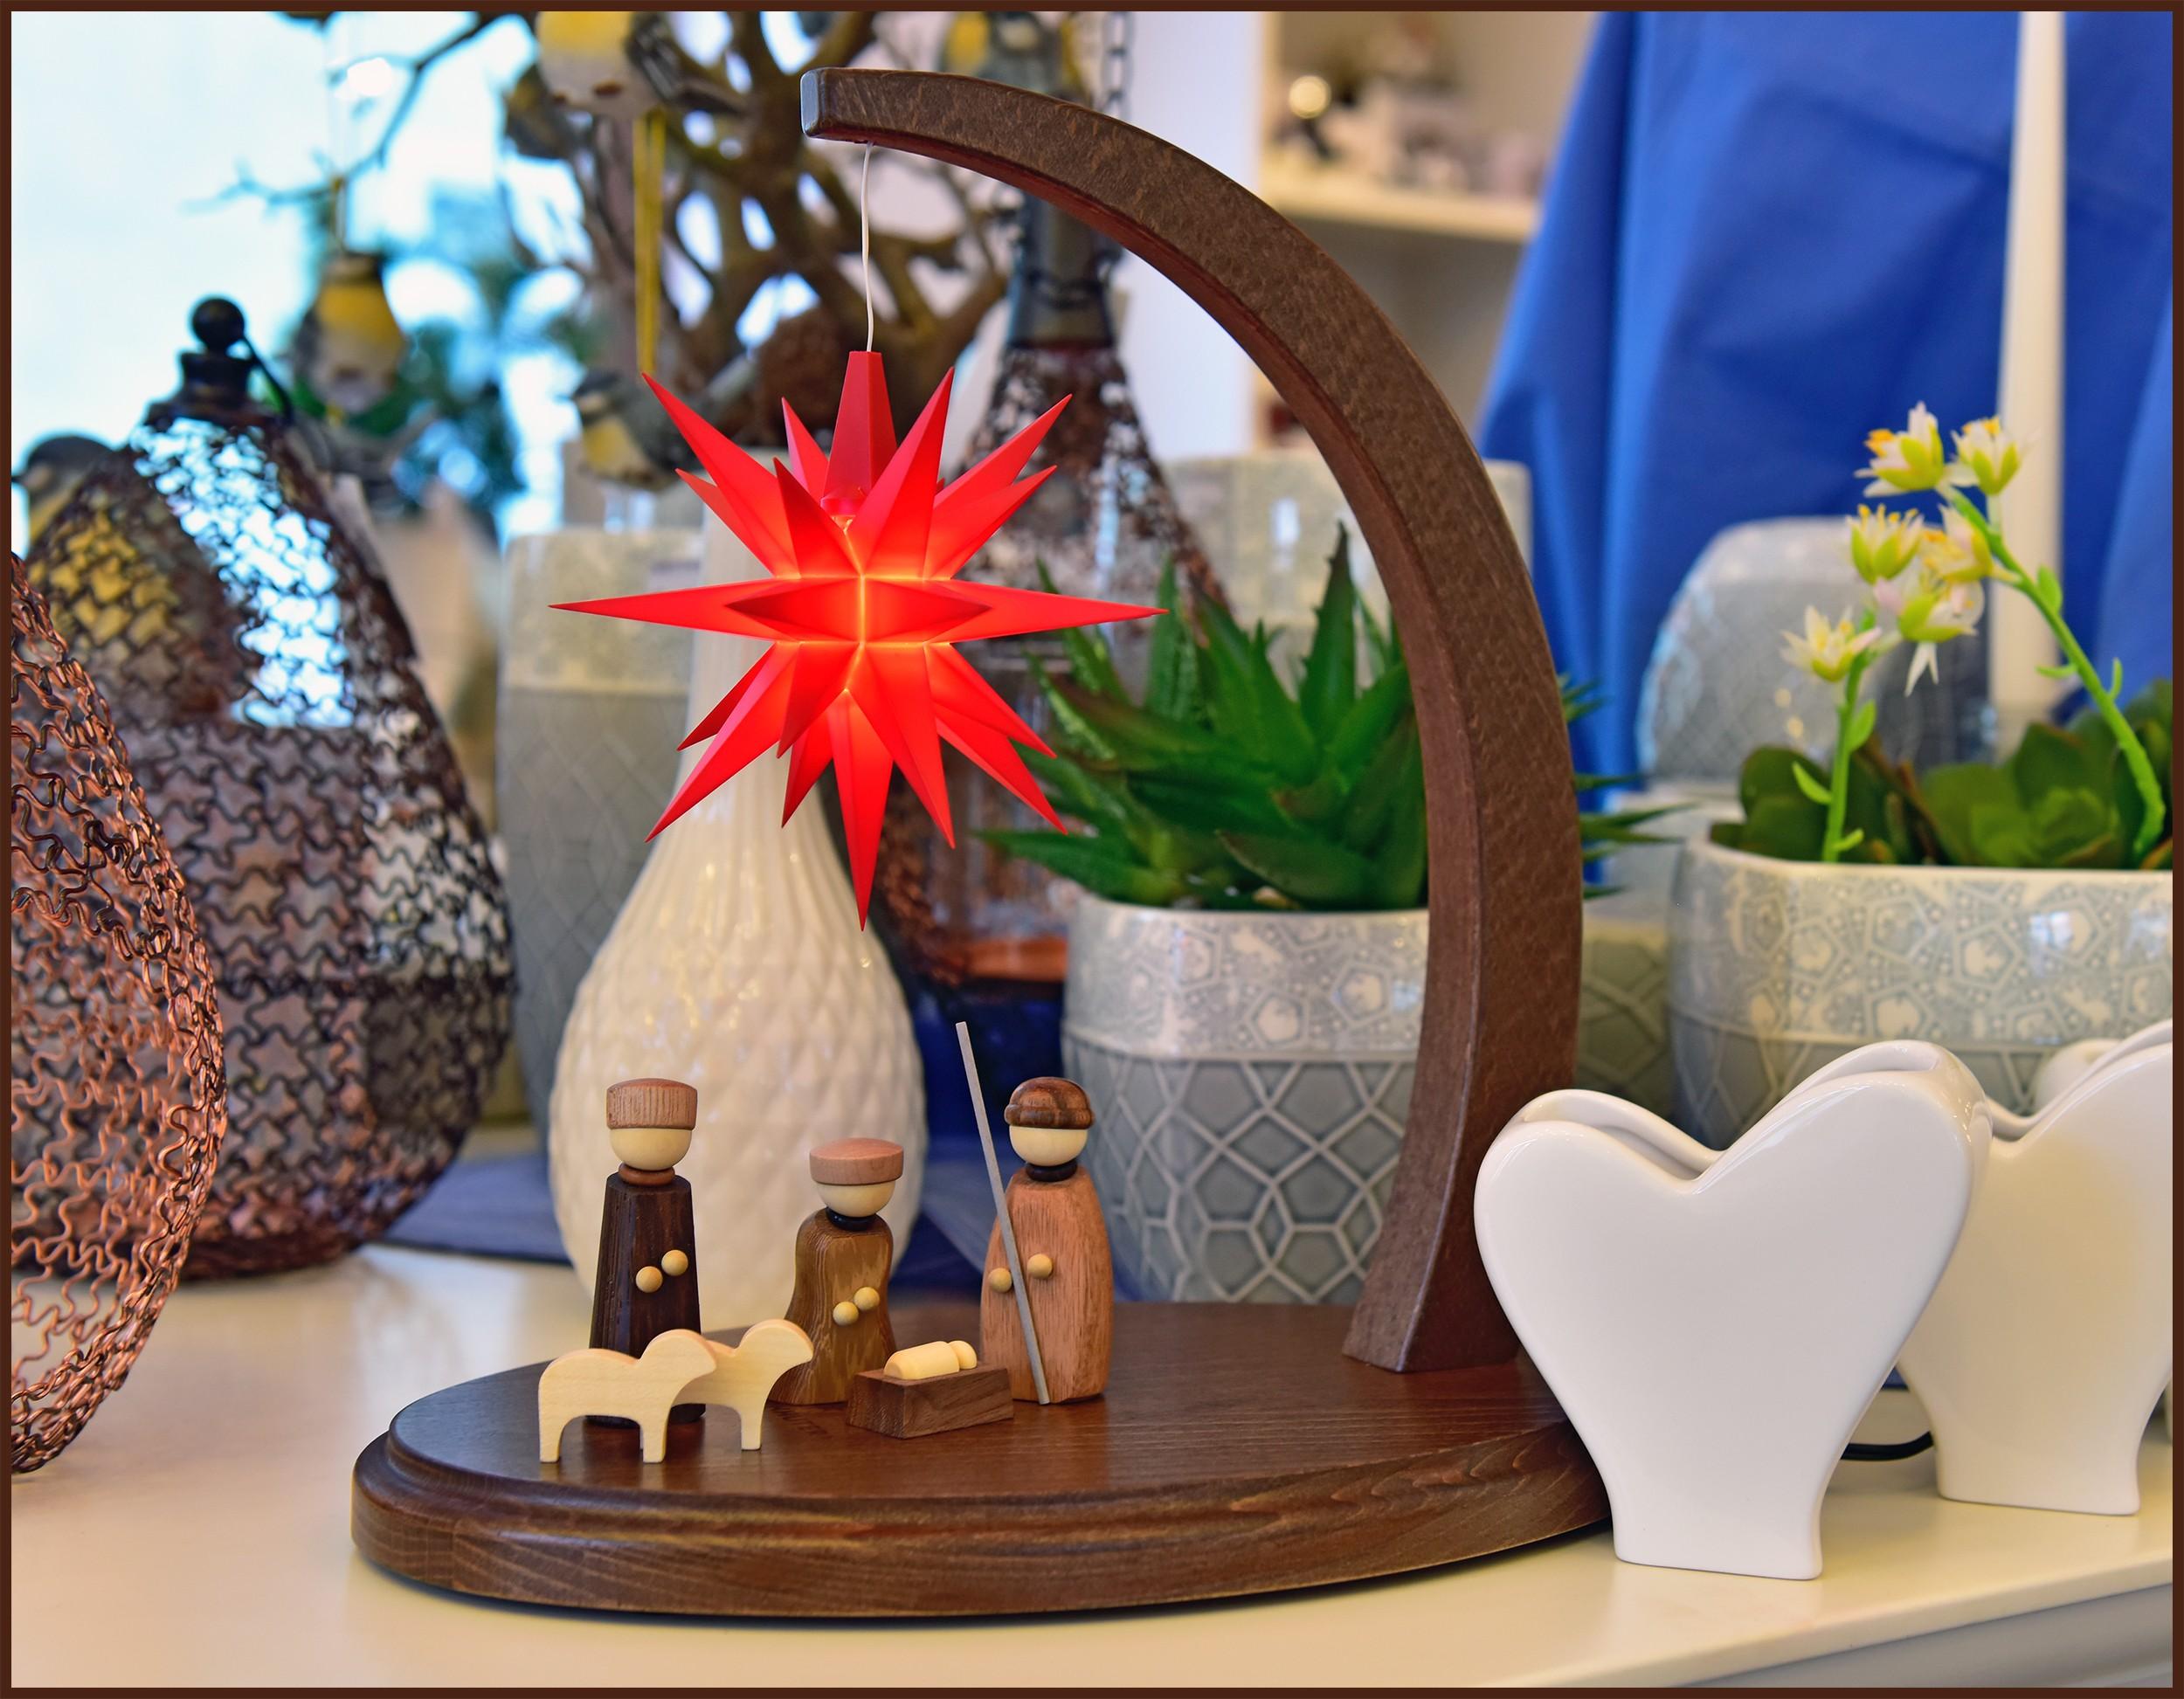 Original herrnhuter sterne shop - Weihnachtsdeko herrnhuter sterne ...